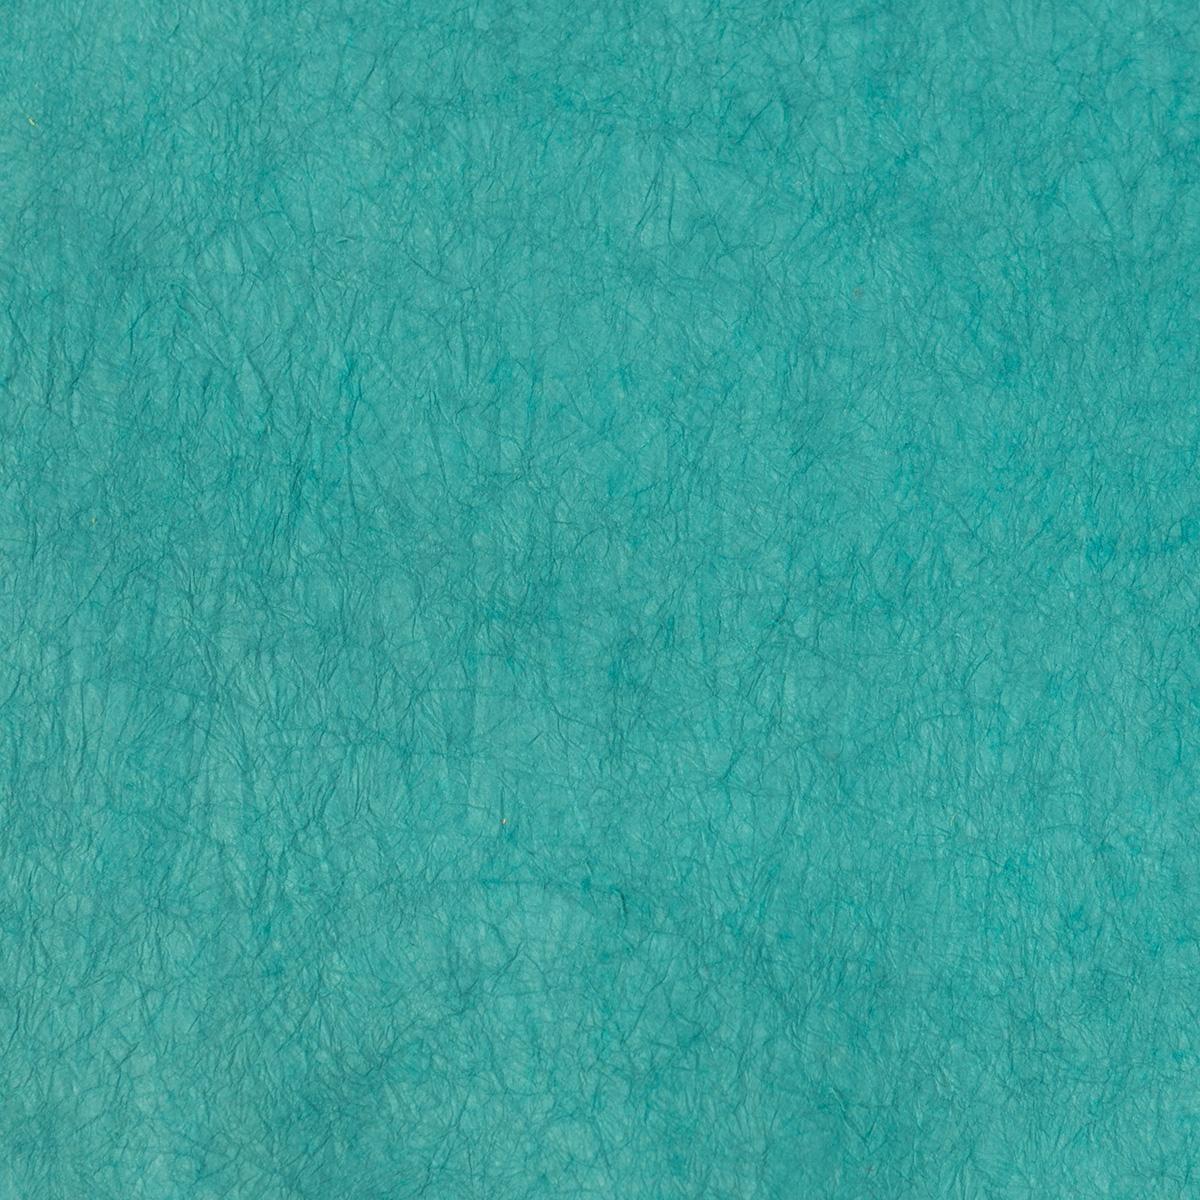 王朝のそめいろ 厚口 40番 中藍色